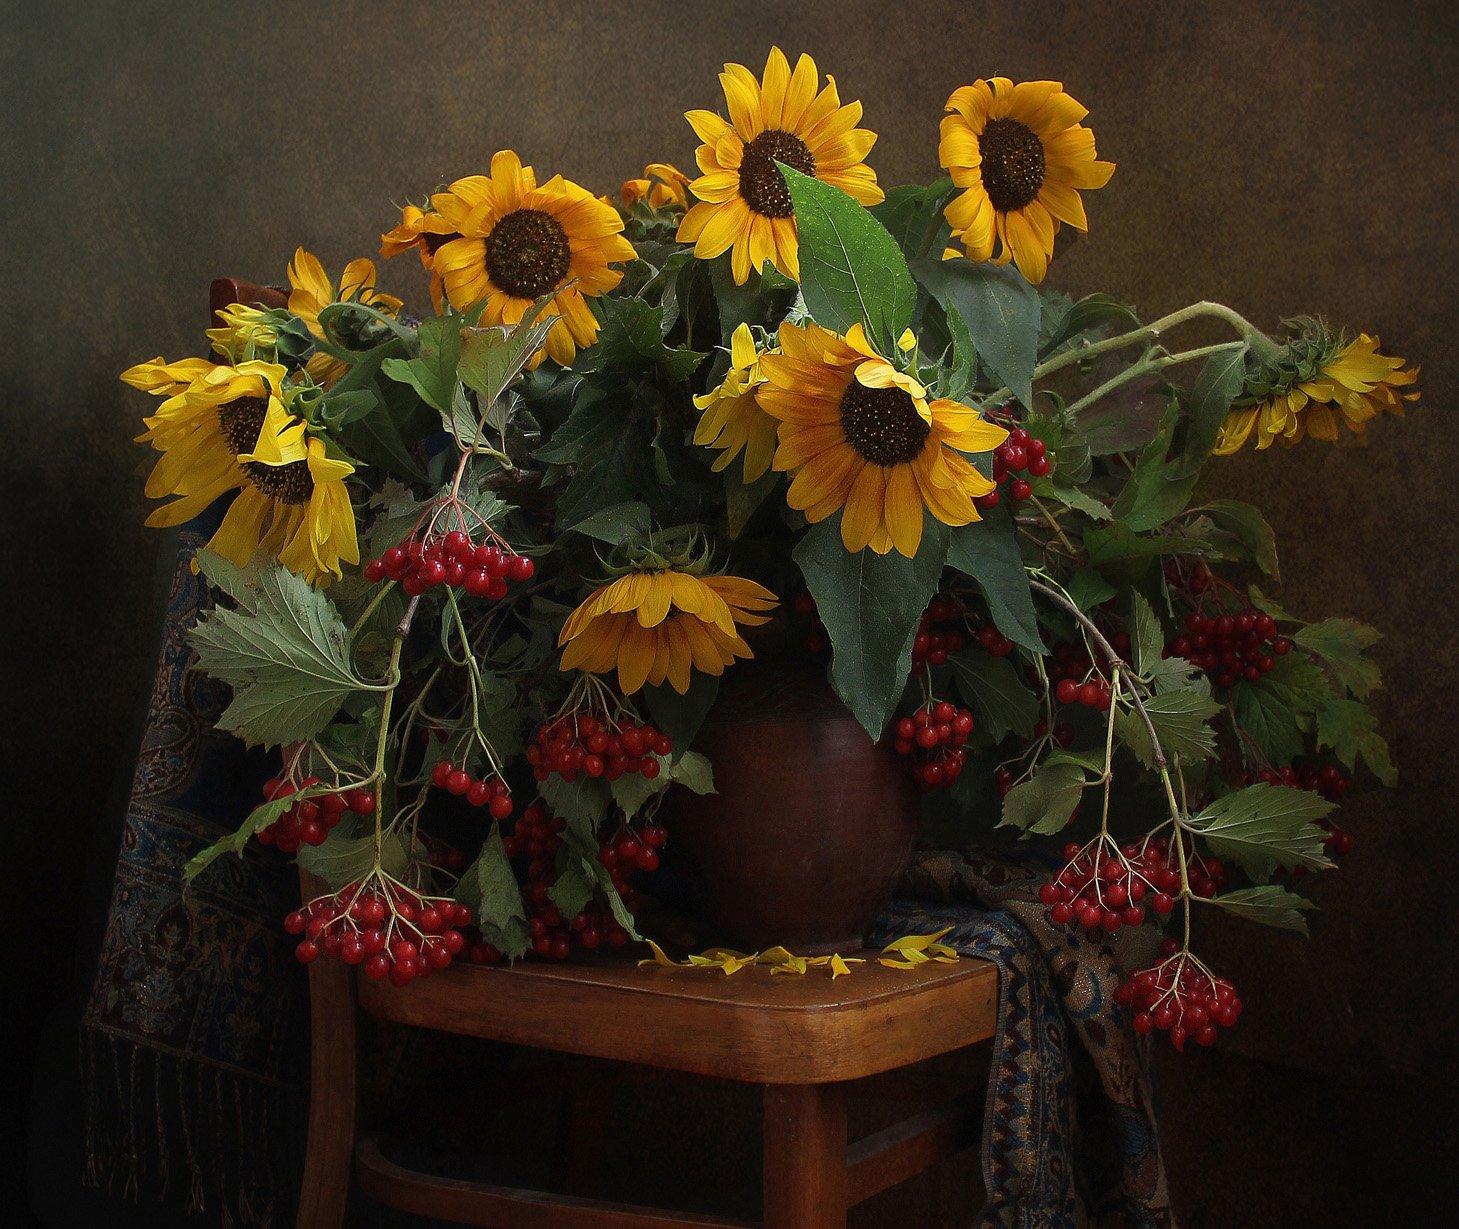 осень,  цветы, калина, подсолнухи, натюрморт, марина филатова, Филатова Марина